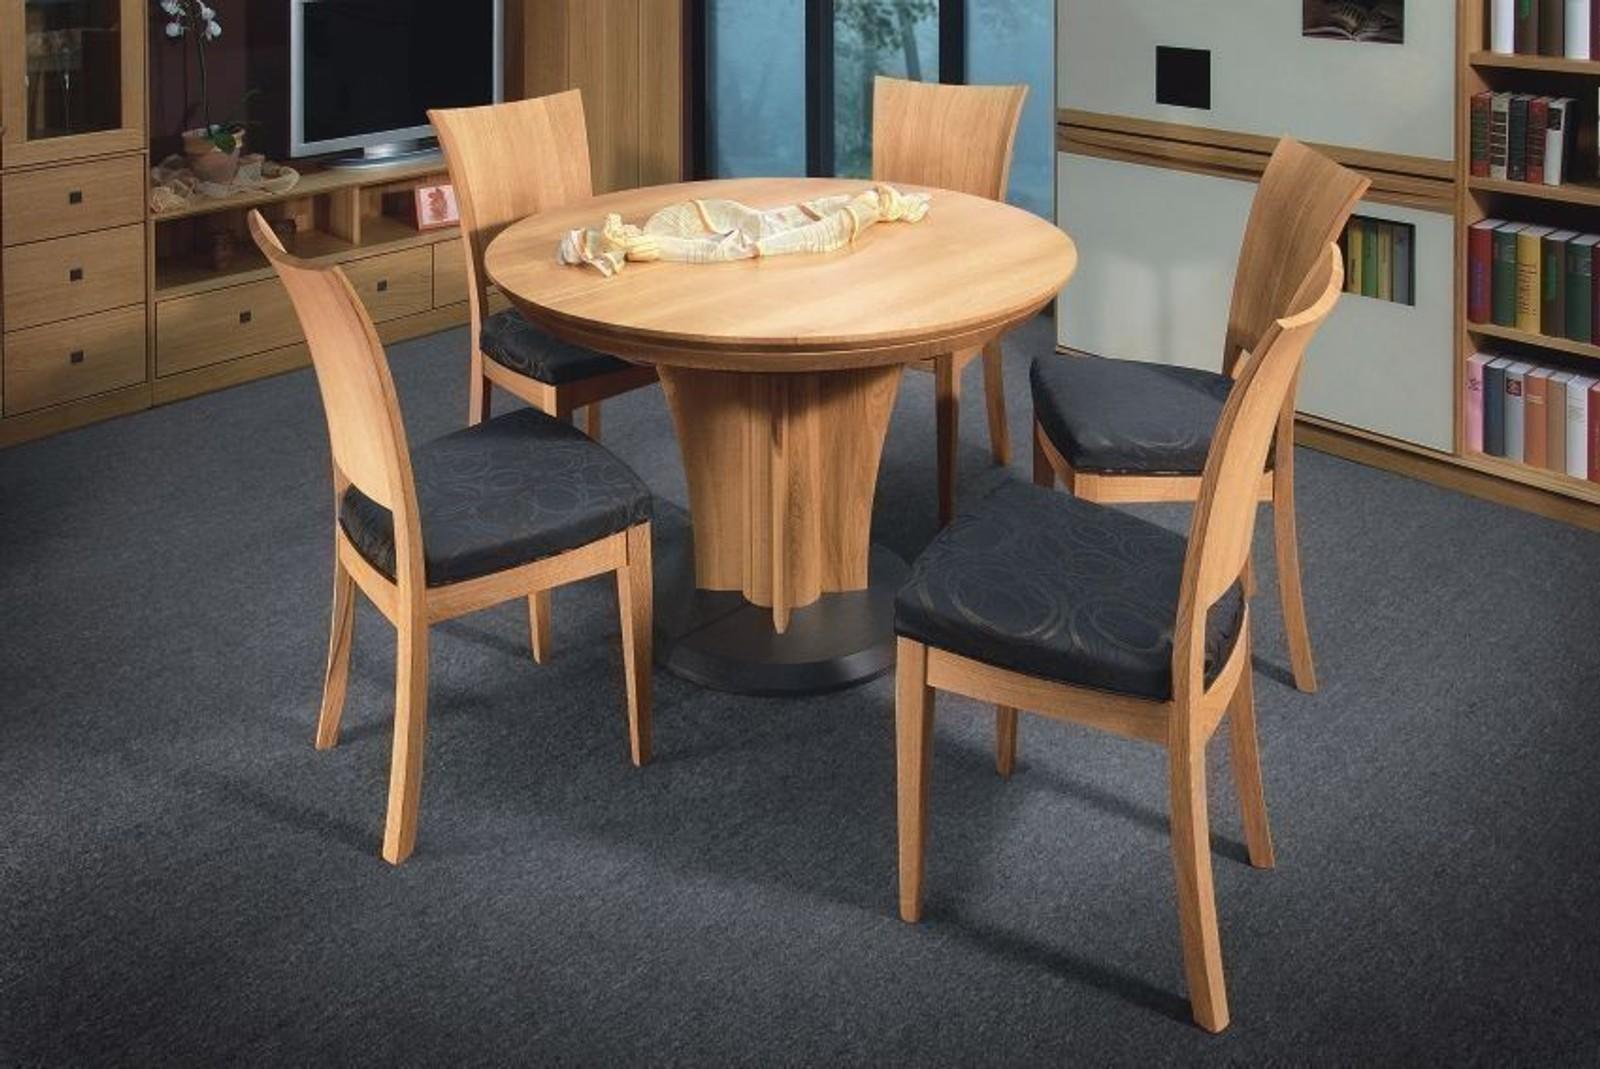 Full Size of Esstisch Rund Mit Stühlen Runder Esszimmertisch Tisch Arcona Runde Esstische Bett Rückenlehne Quadratisch Grau Weiß Oval Sofa Led Pendelleuchte Kleines Esstische Esstisch Rund Mit Stühlen